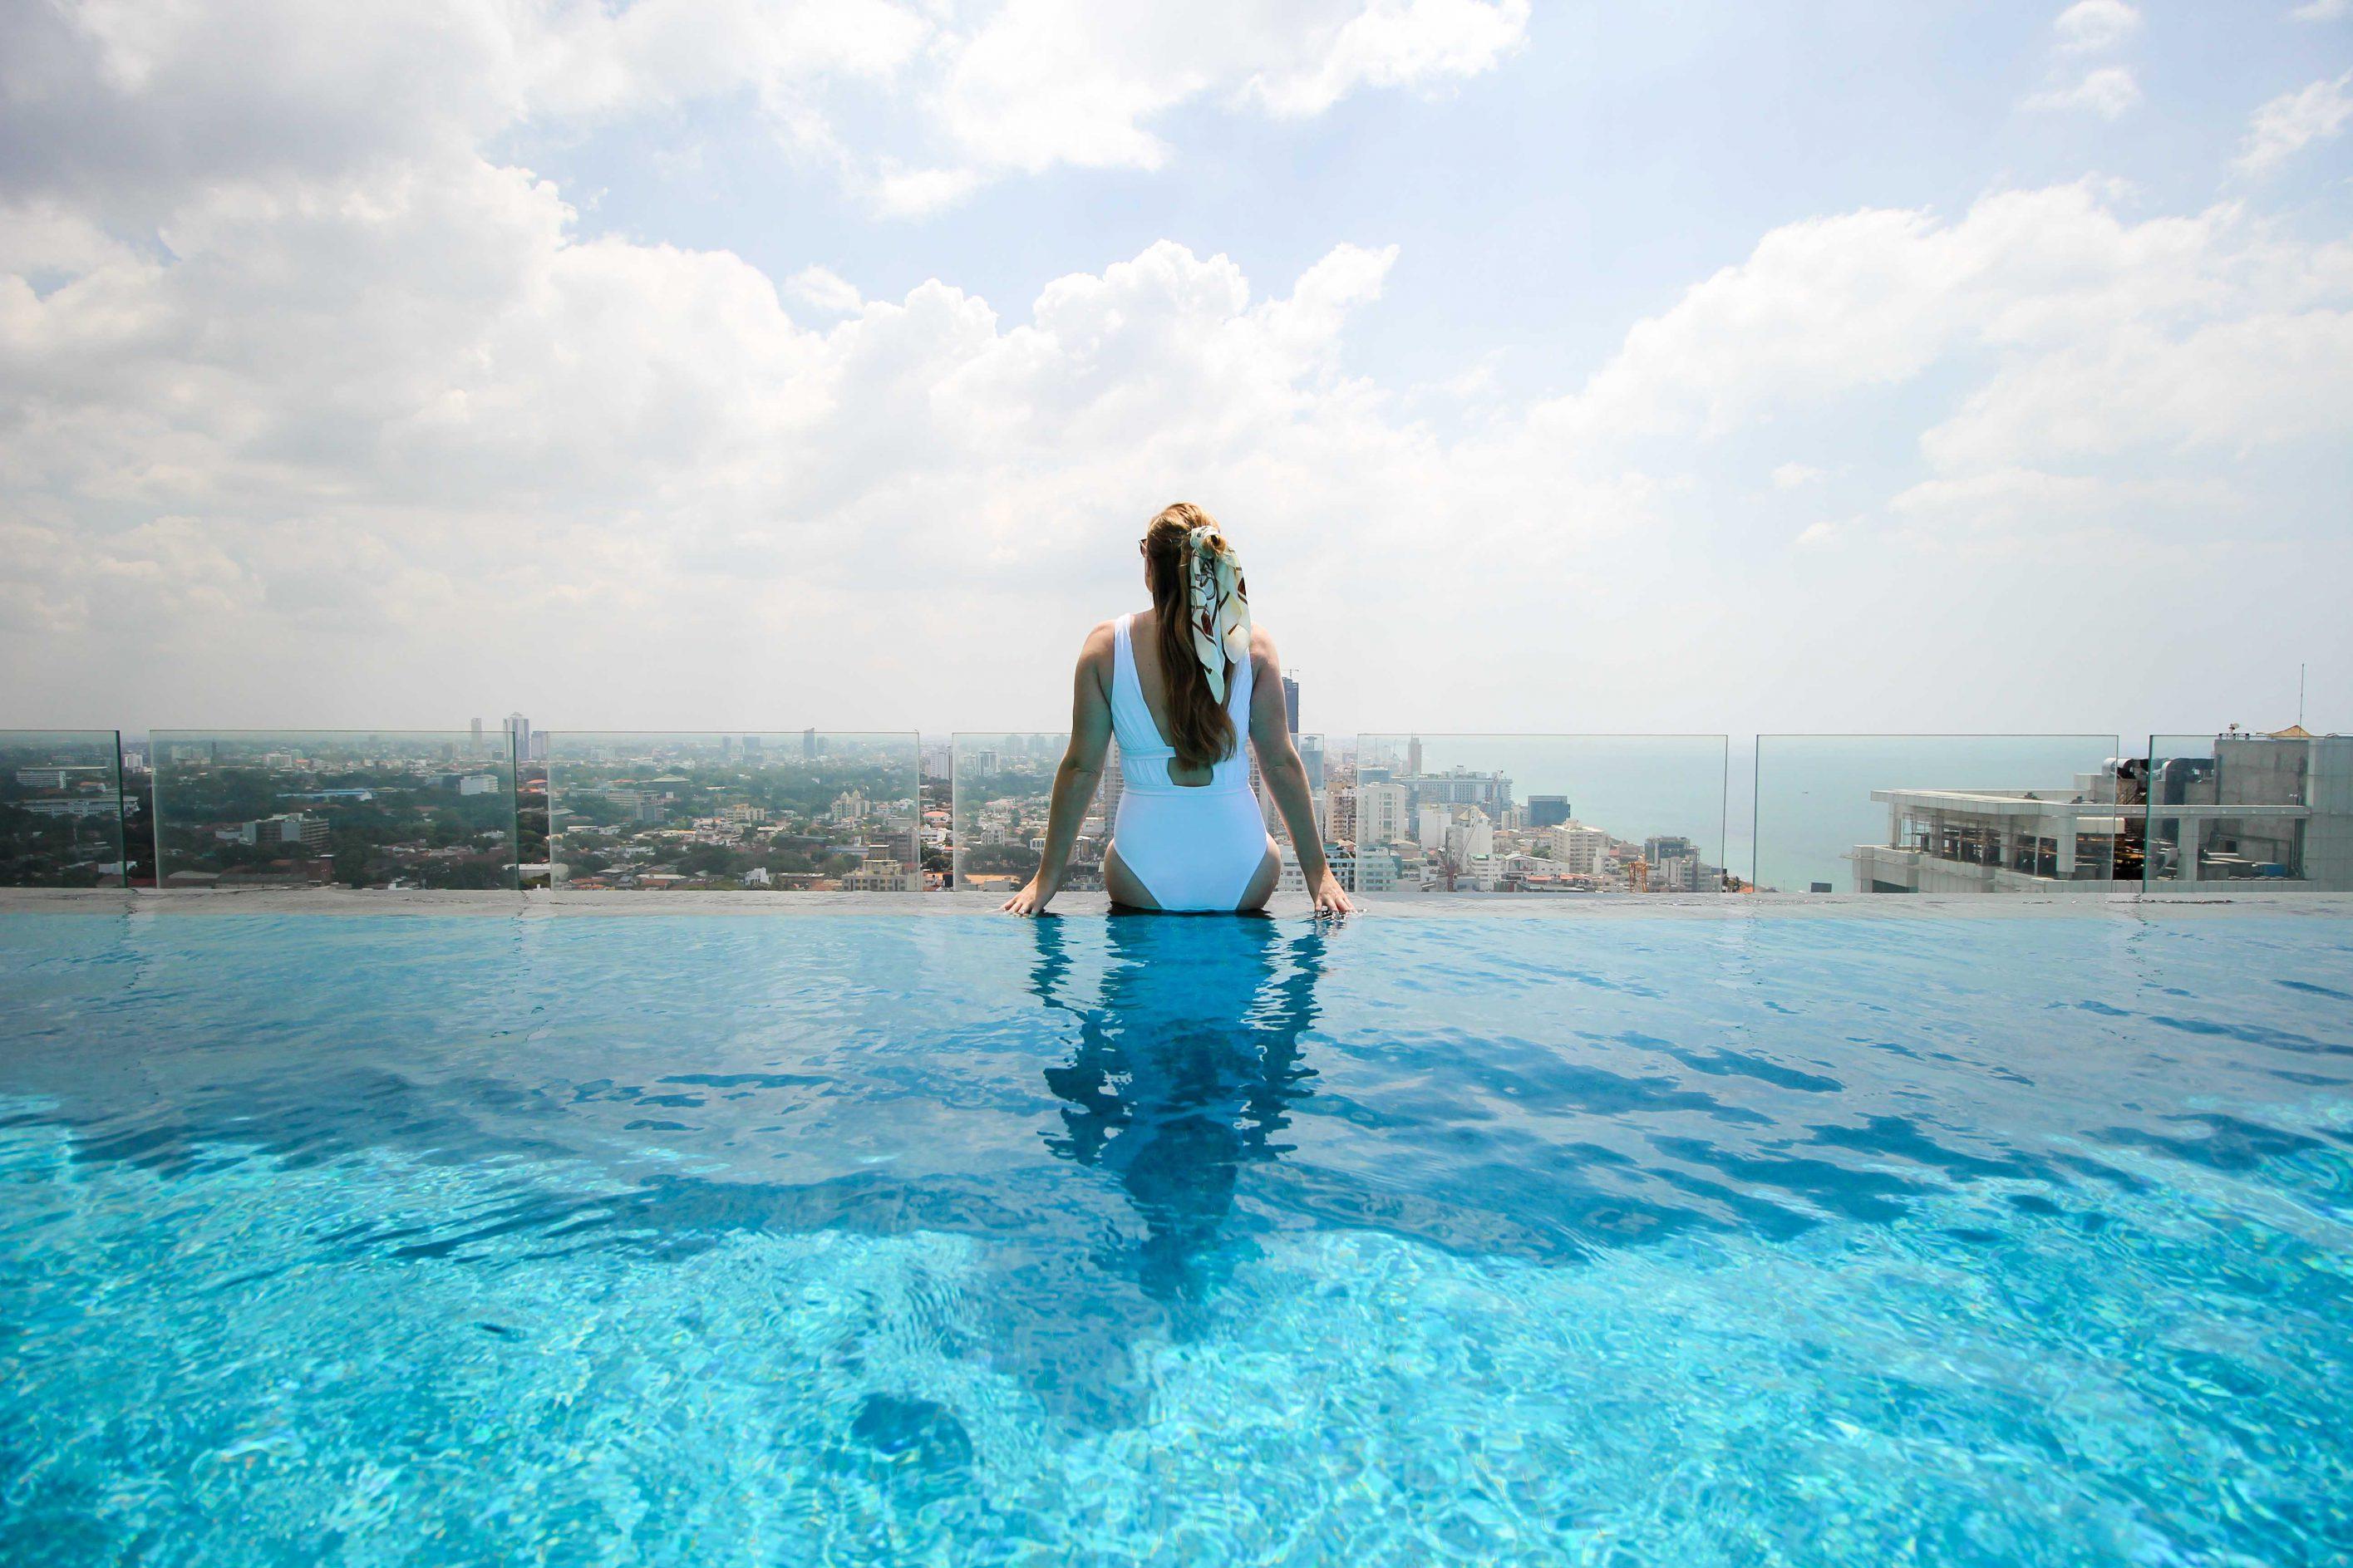 Mövenpick Colombo Hotel Reiseblog Brinisfashionbook Infinity Pool Skyline Colombo bestes Hotel Sri Lanka